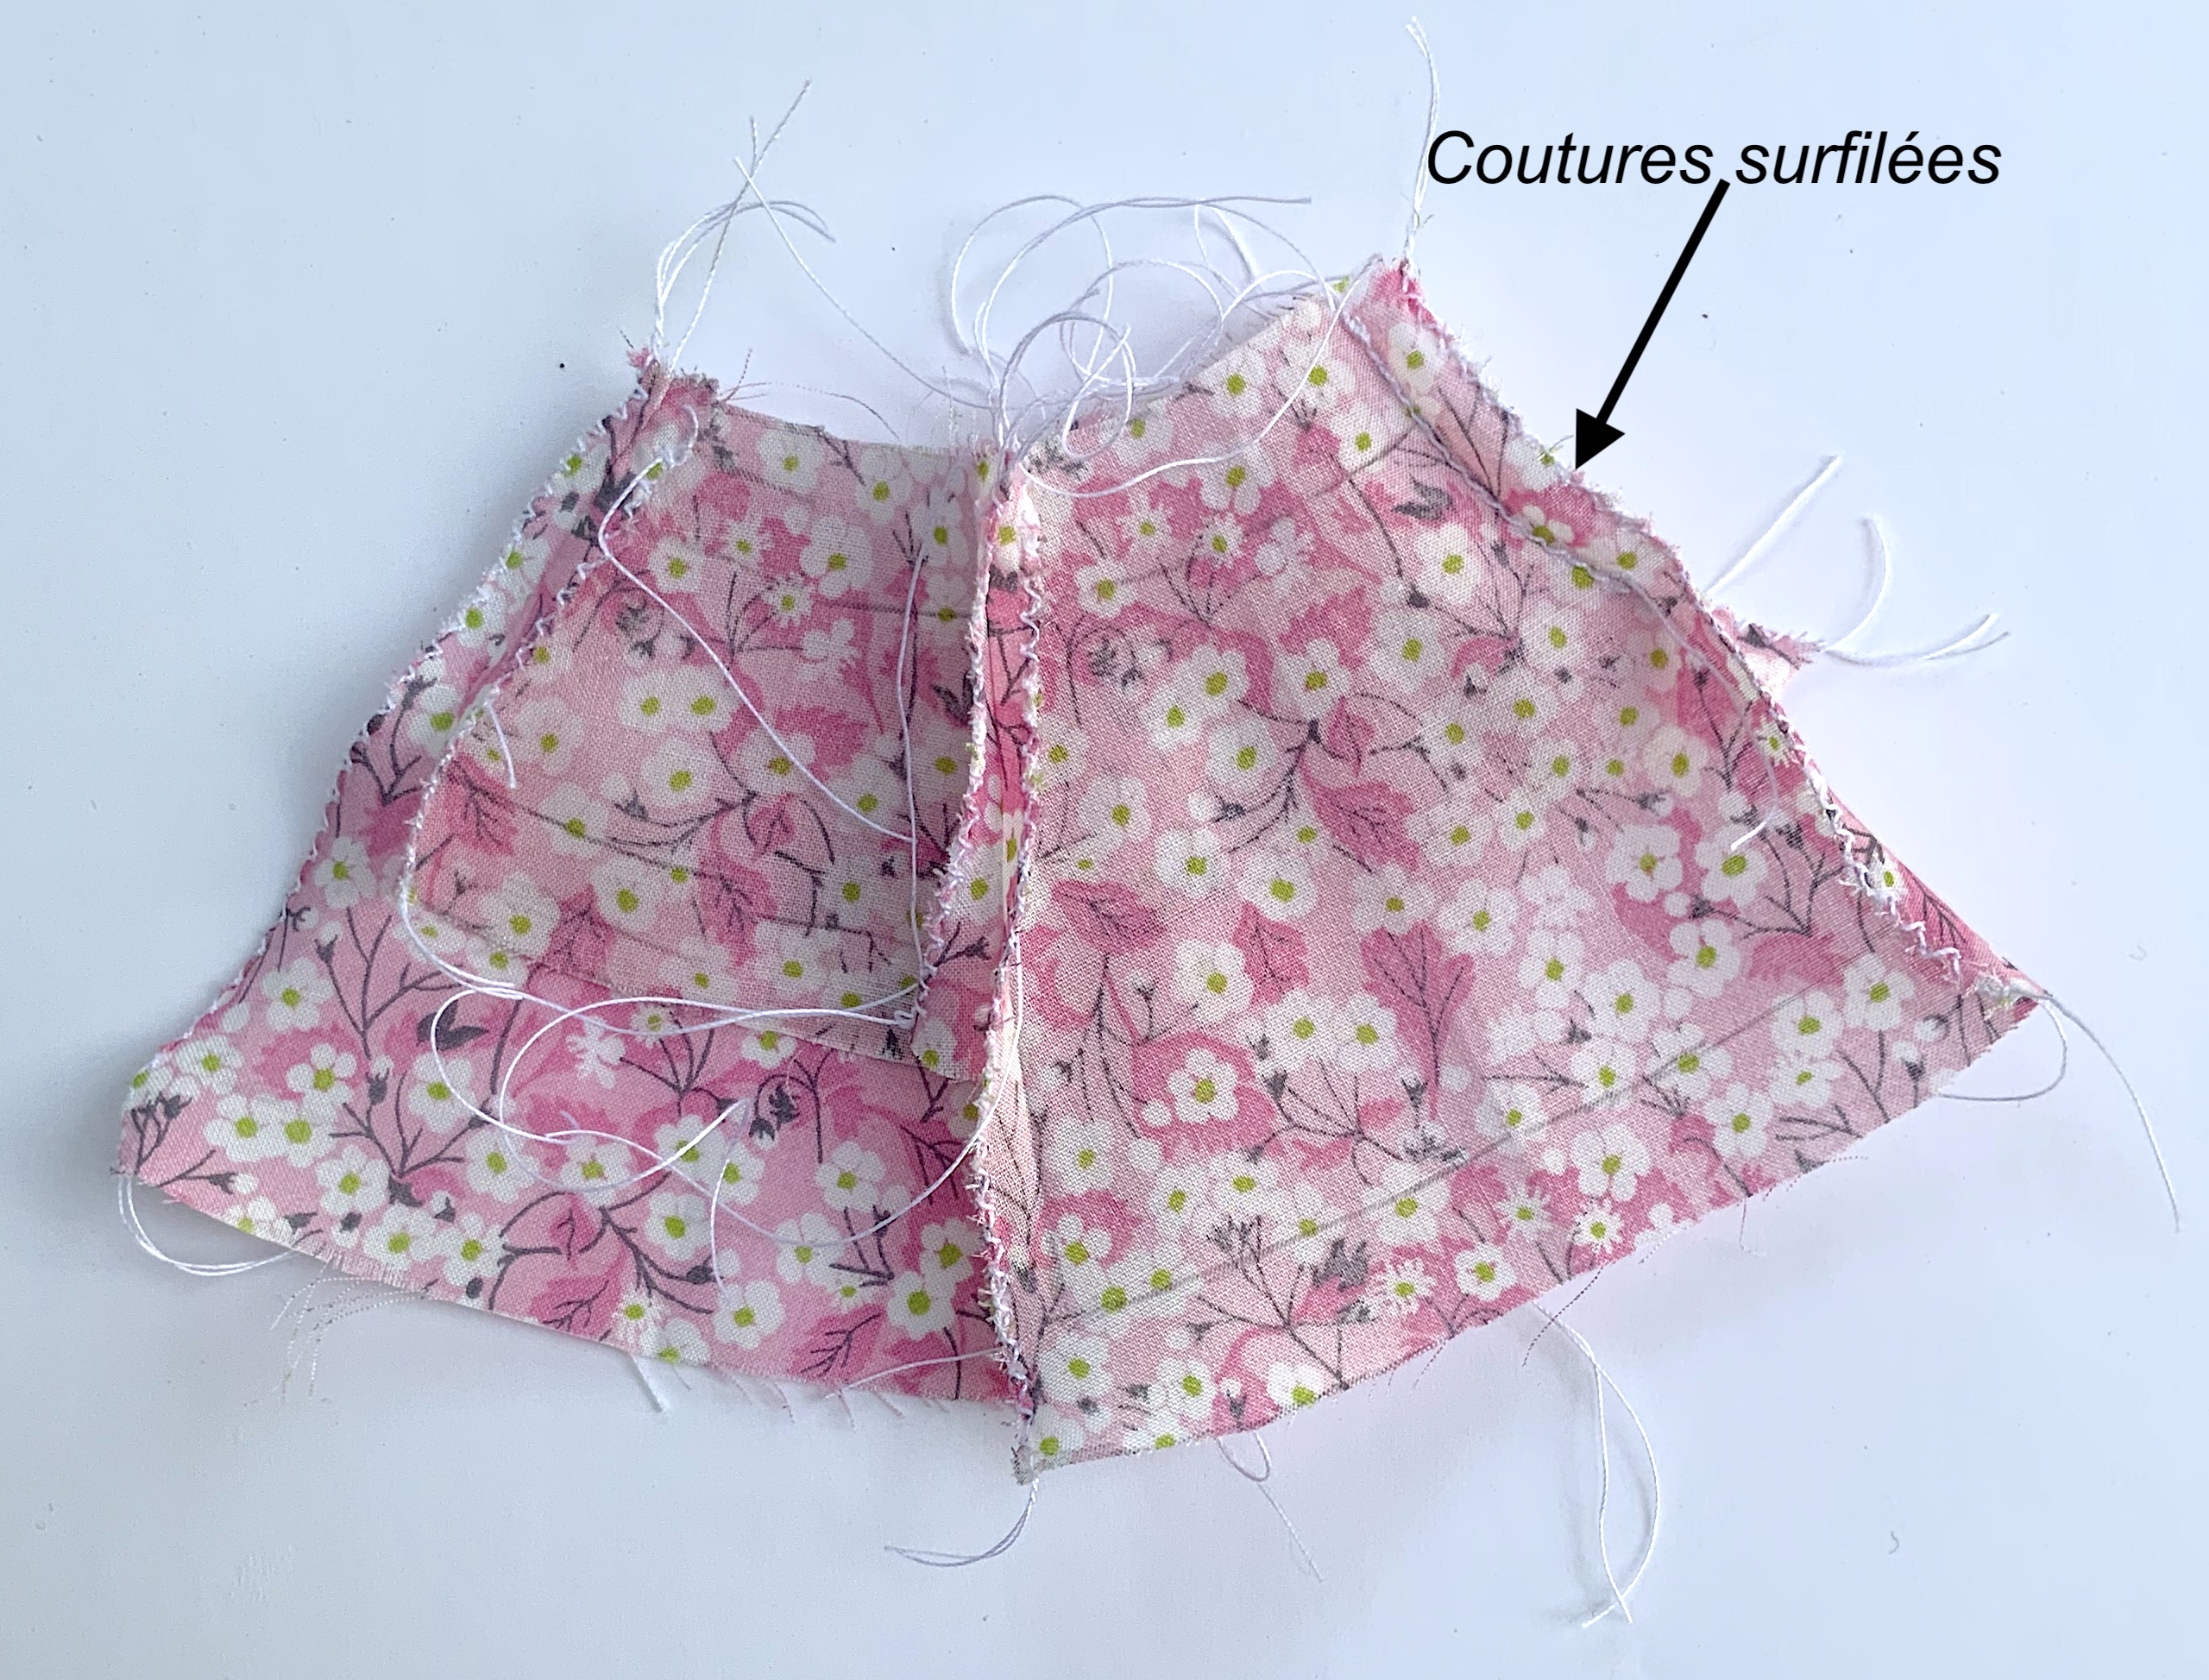 Coutures surfilées